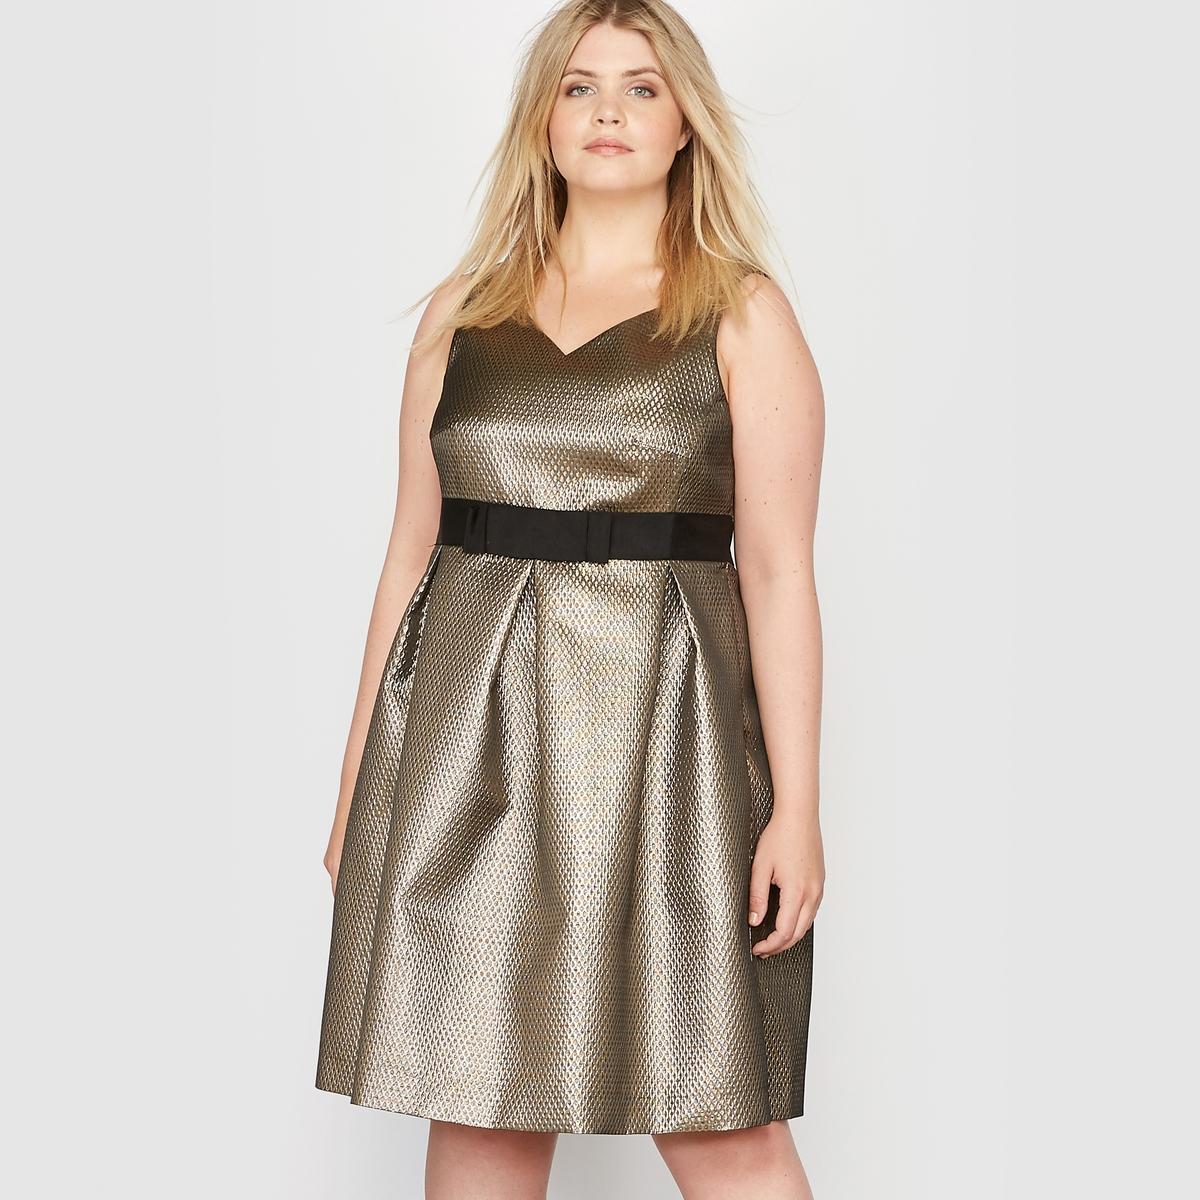 Платье вечернее без рукавов из блестящей жаккардовой ткани вечернее платье xinbai li xlf015 2015